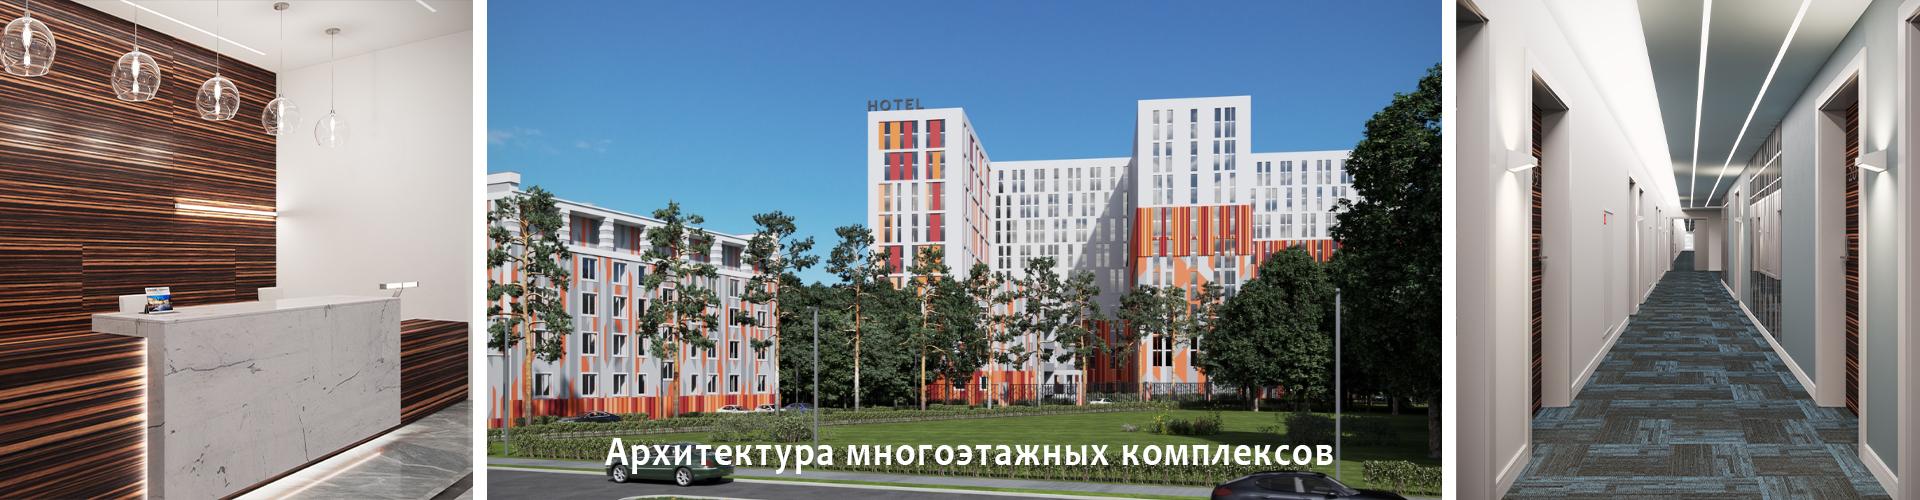 Апартаменты_М1Сколково